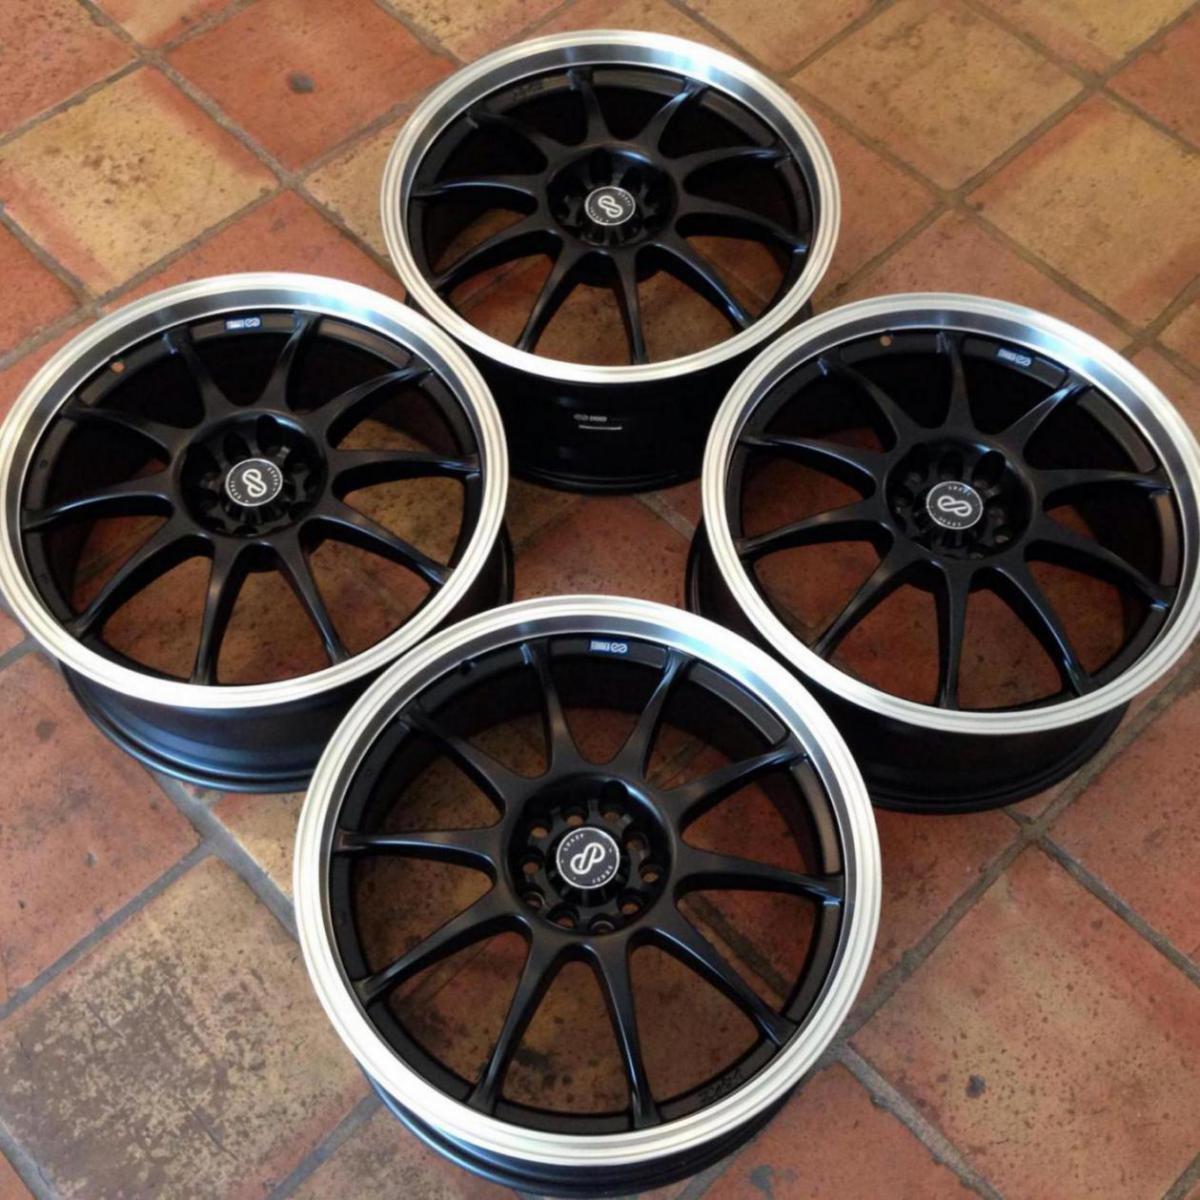 """Fs: 18"""" advan rs-d replica wheels by enkei group buy"""